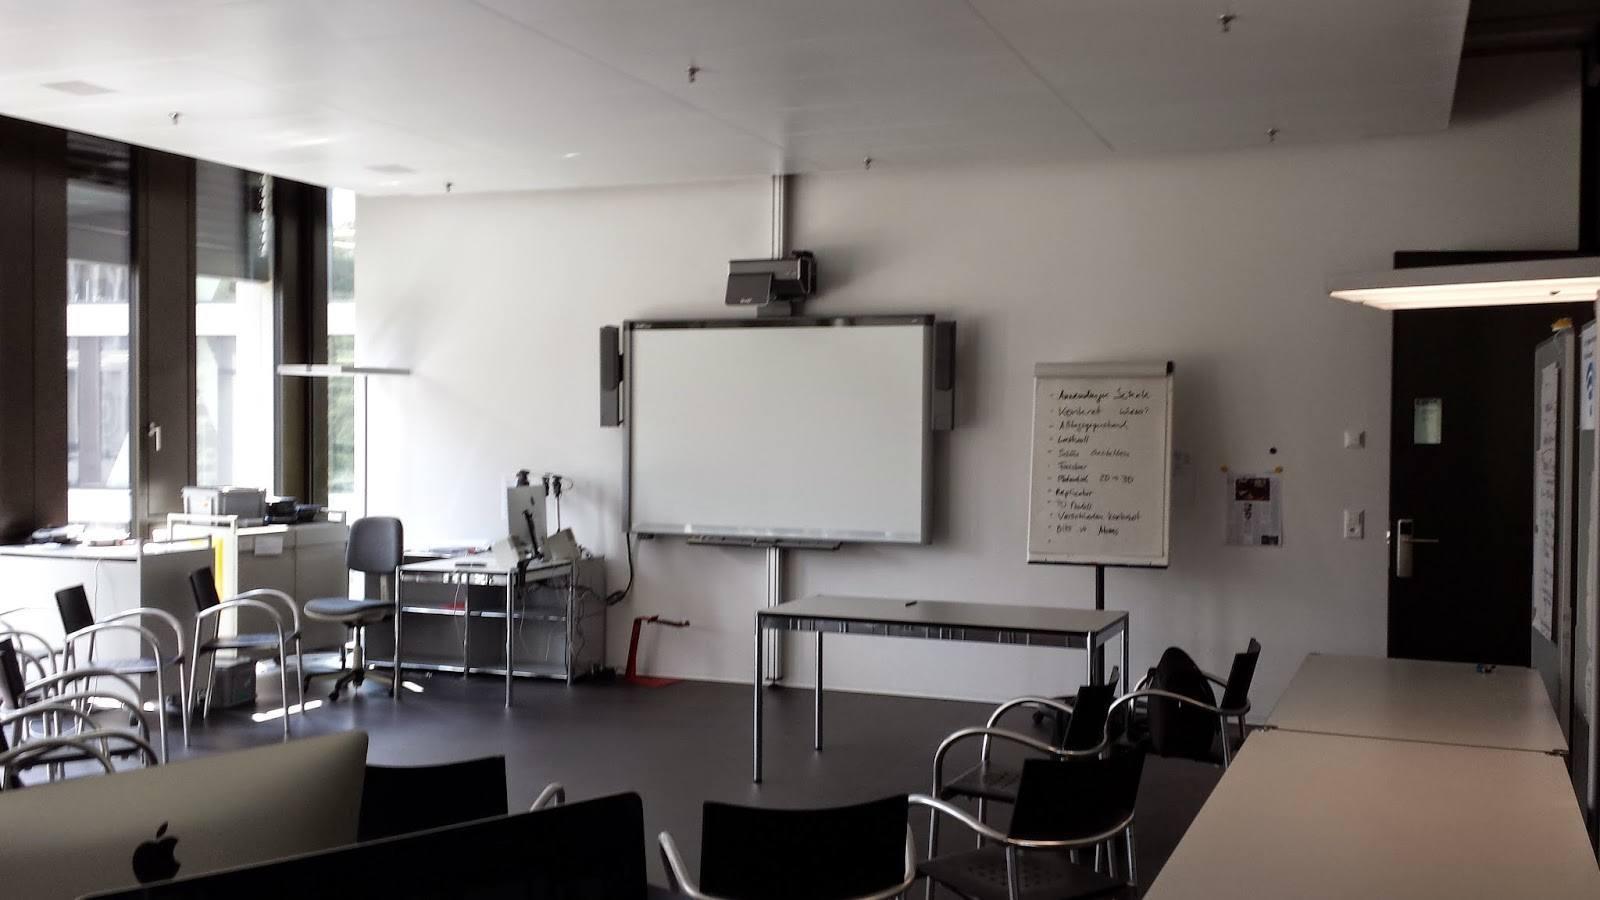 Foto des Schulungsraums von Imedias an der PH FHNW